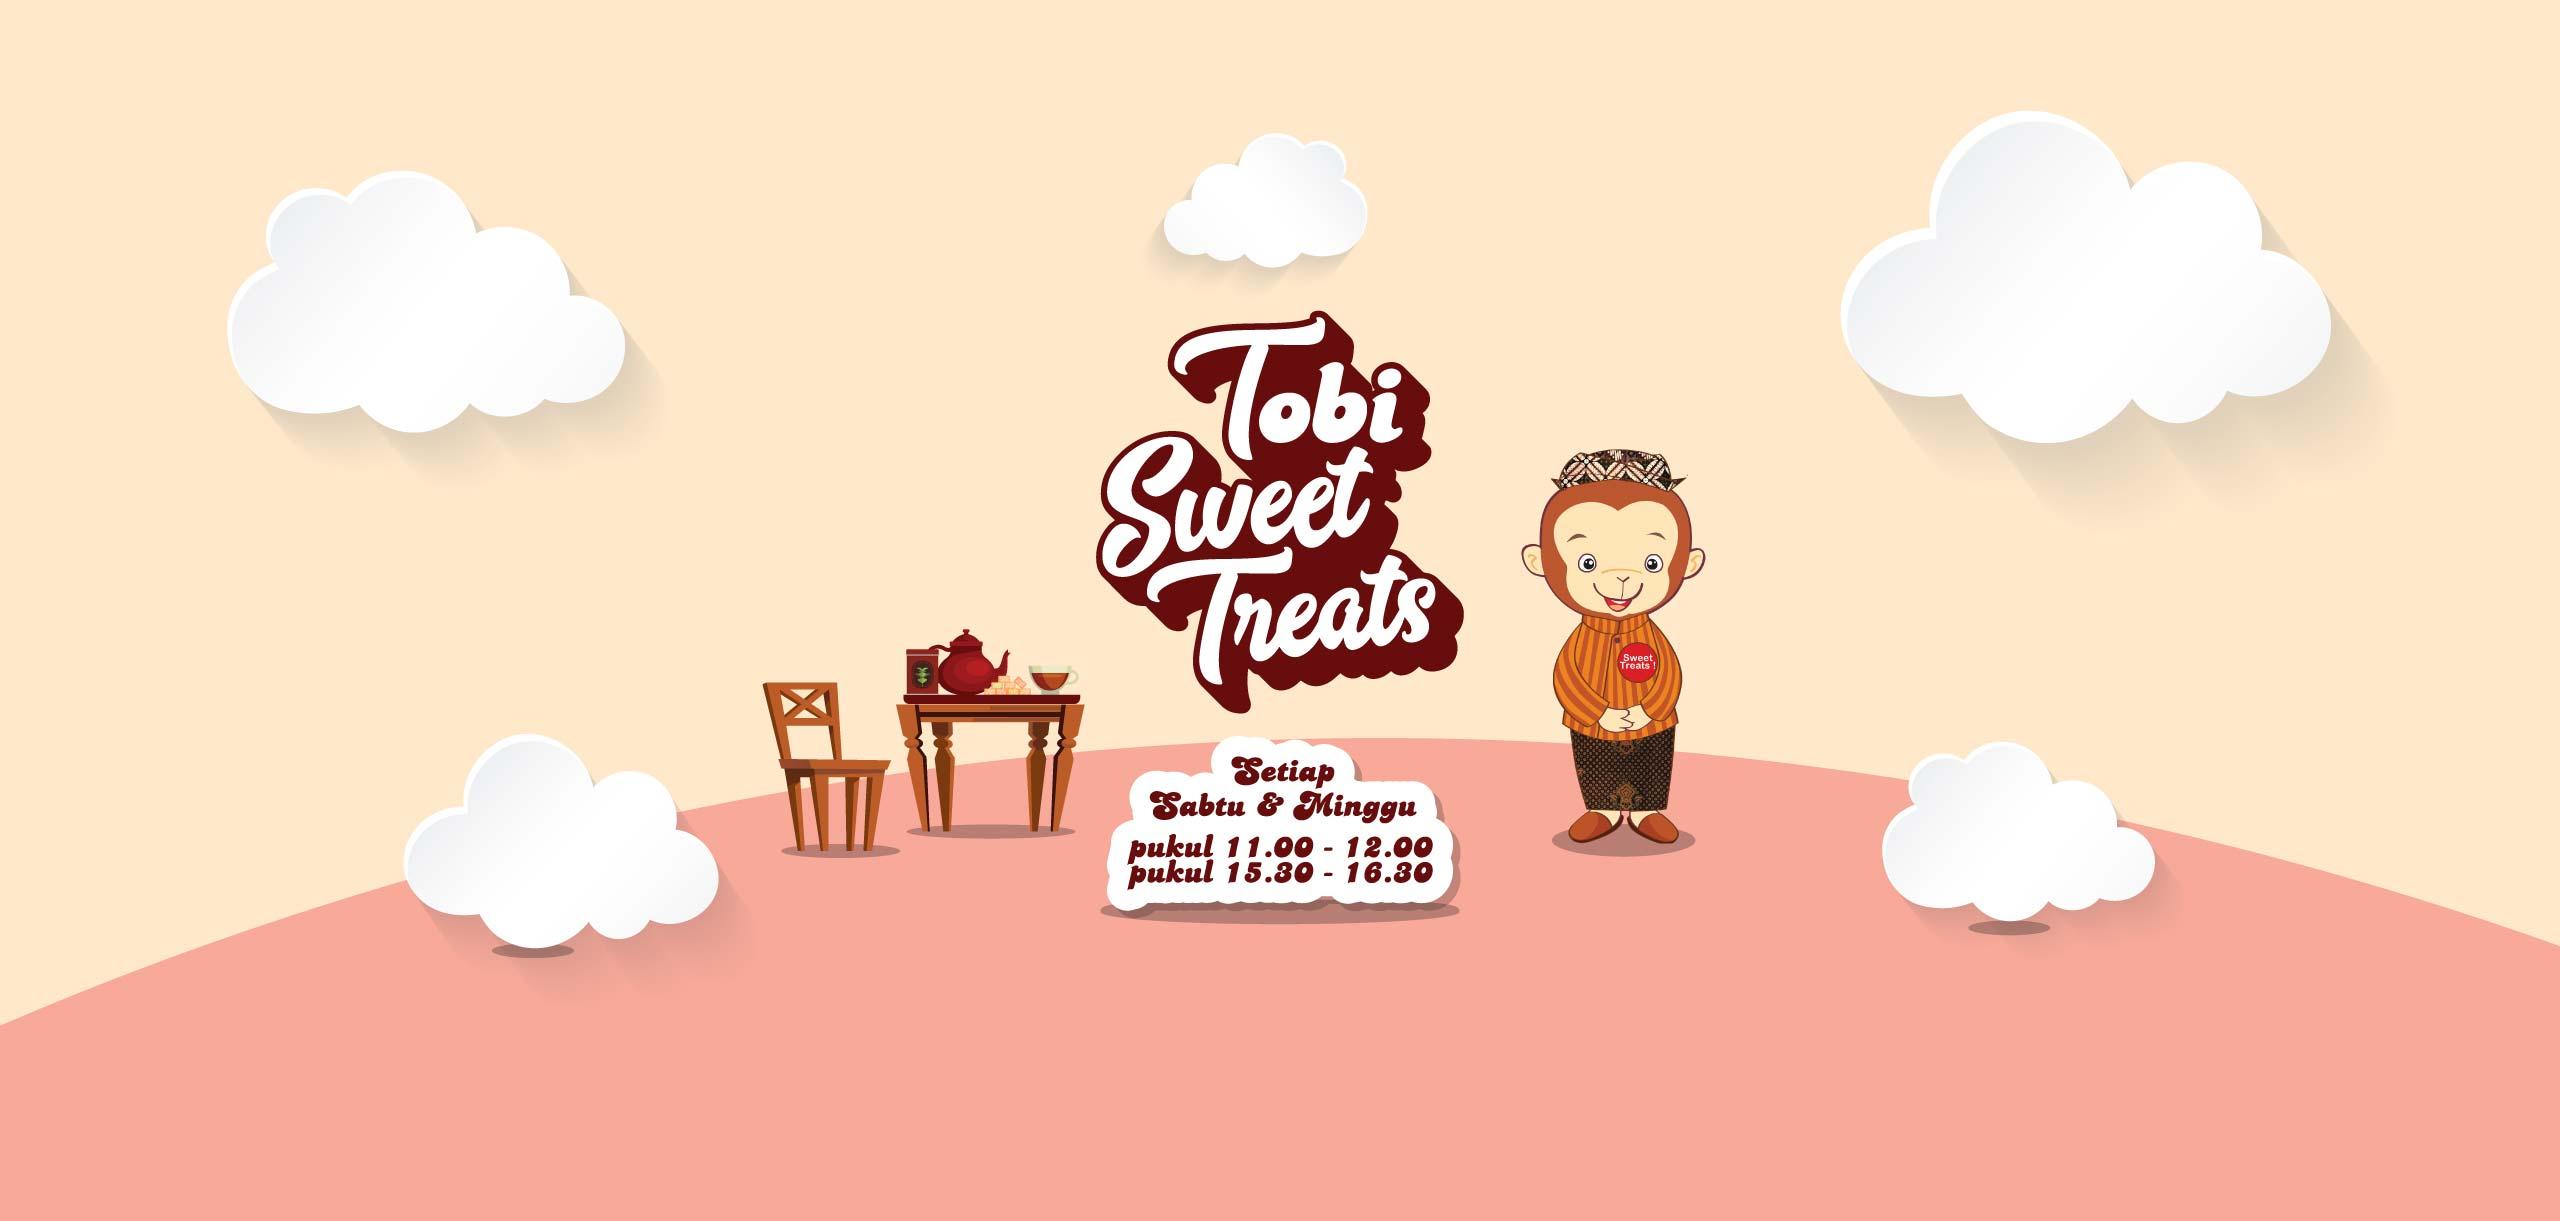 Toyscity Tobi Sweet Treats setiap Sabtu & Minggu